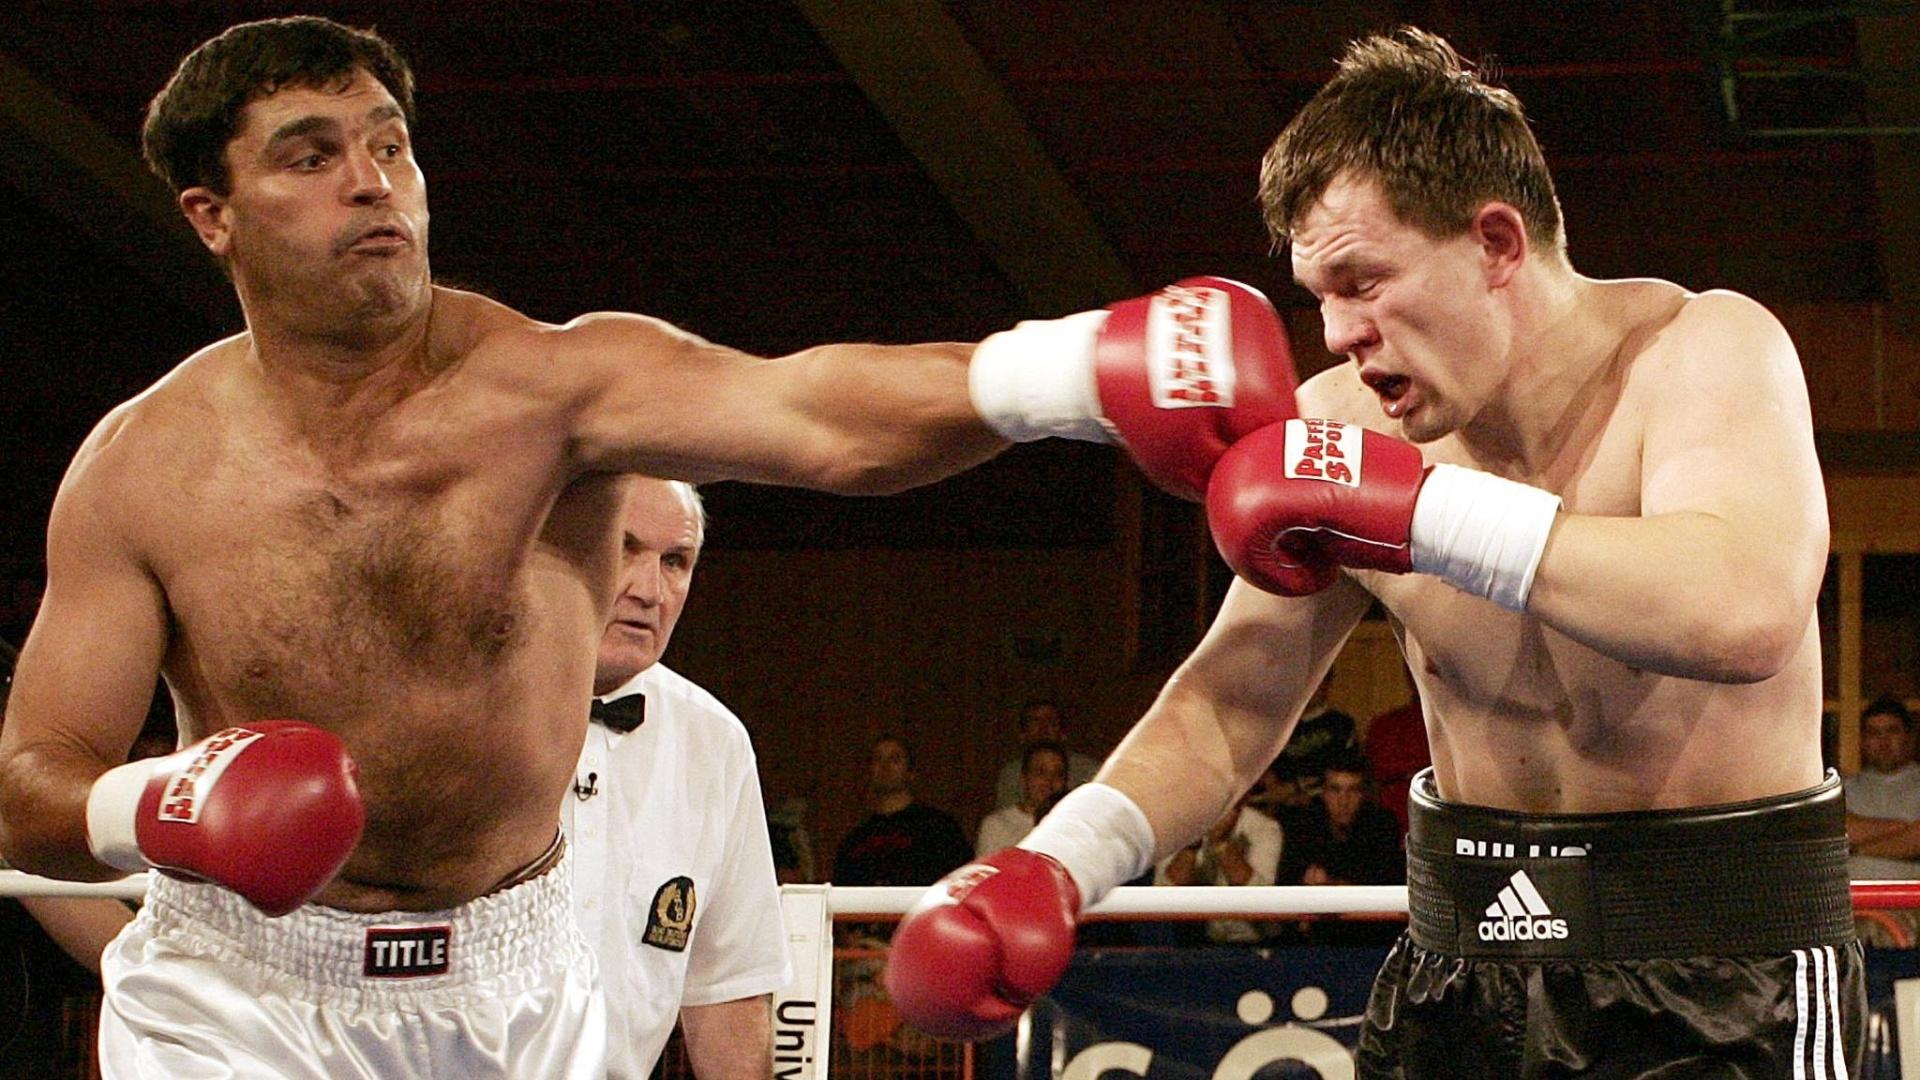 Ex-campeão mundial de boxe Corrie Sanders (esquerda) em luta contra russo Alexei Varakin, em dezembro de 2004. Sul-africano morreu neste domingo, 23/09/2012, após tiroteio em restaurante de Johanesburgo